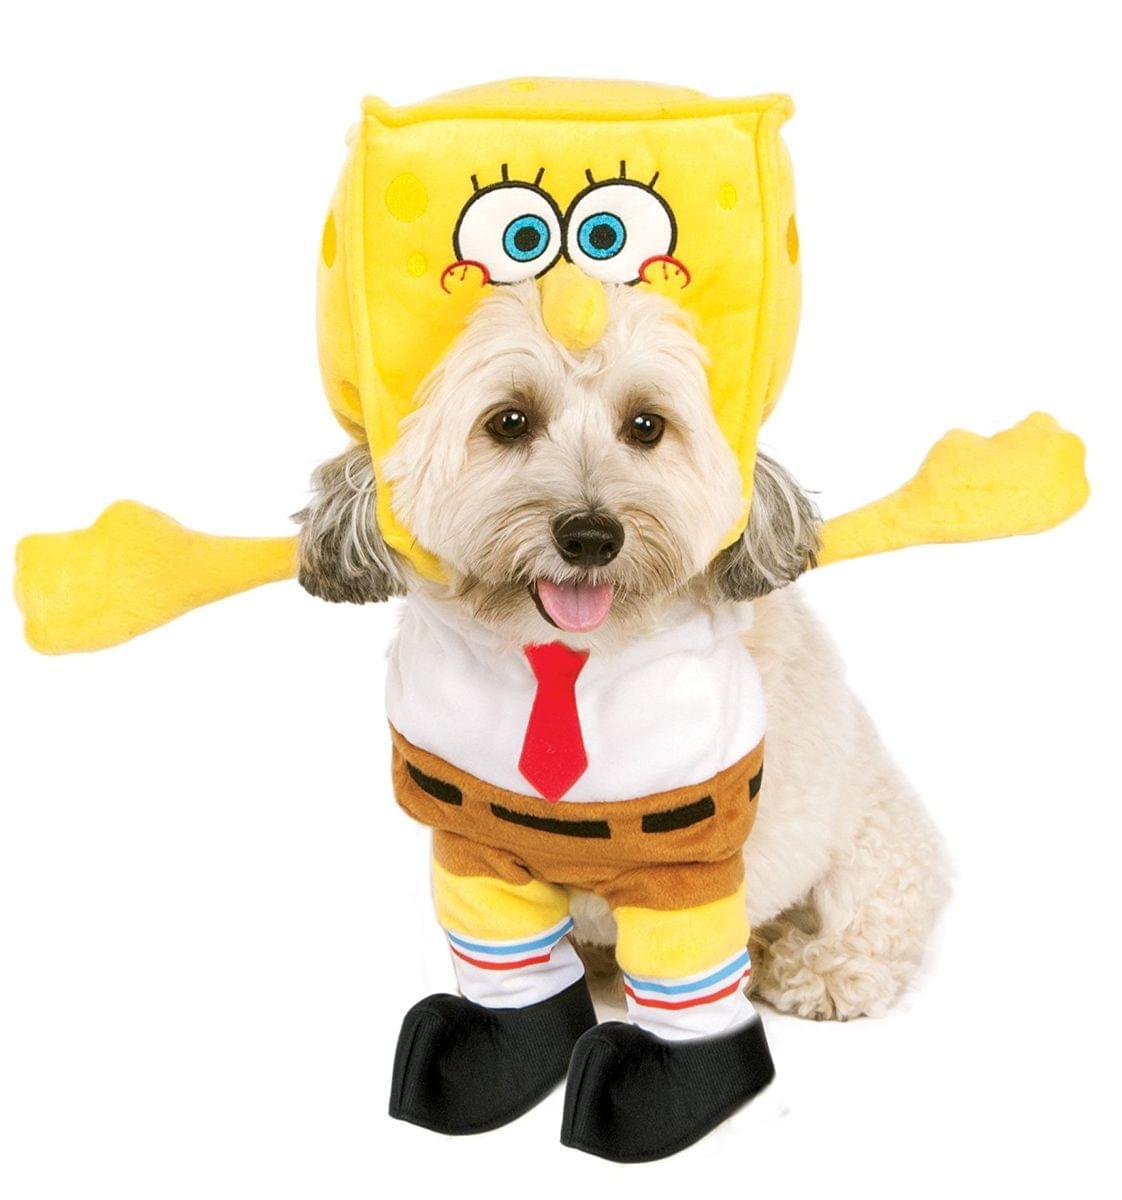 Nickelodeon Spongebob Squarepants Pet Costume